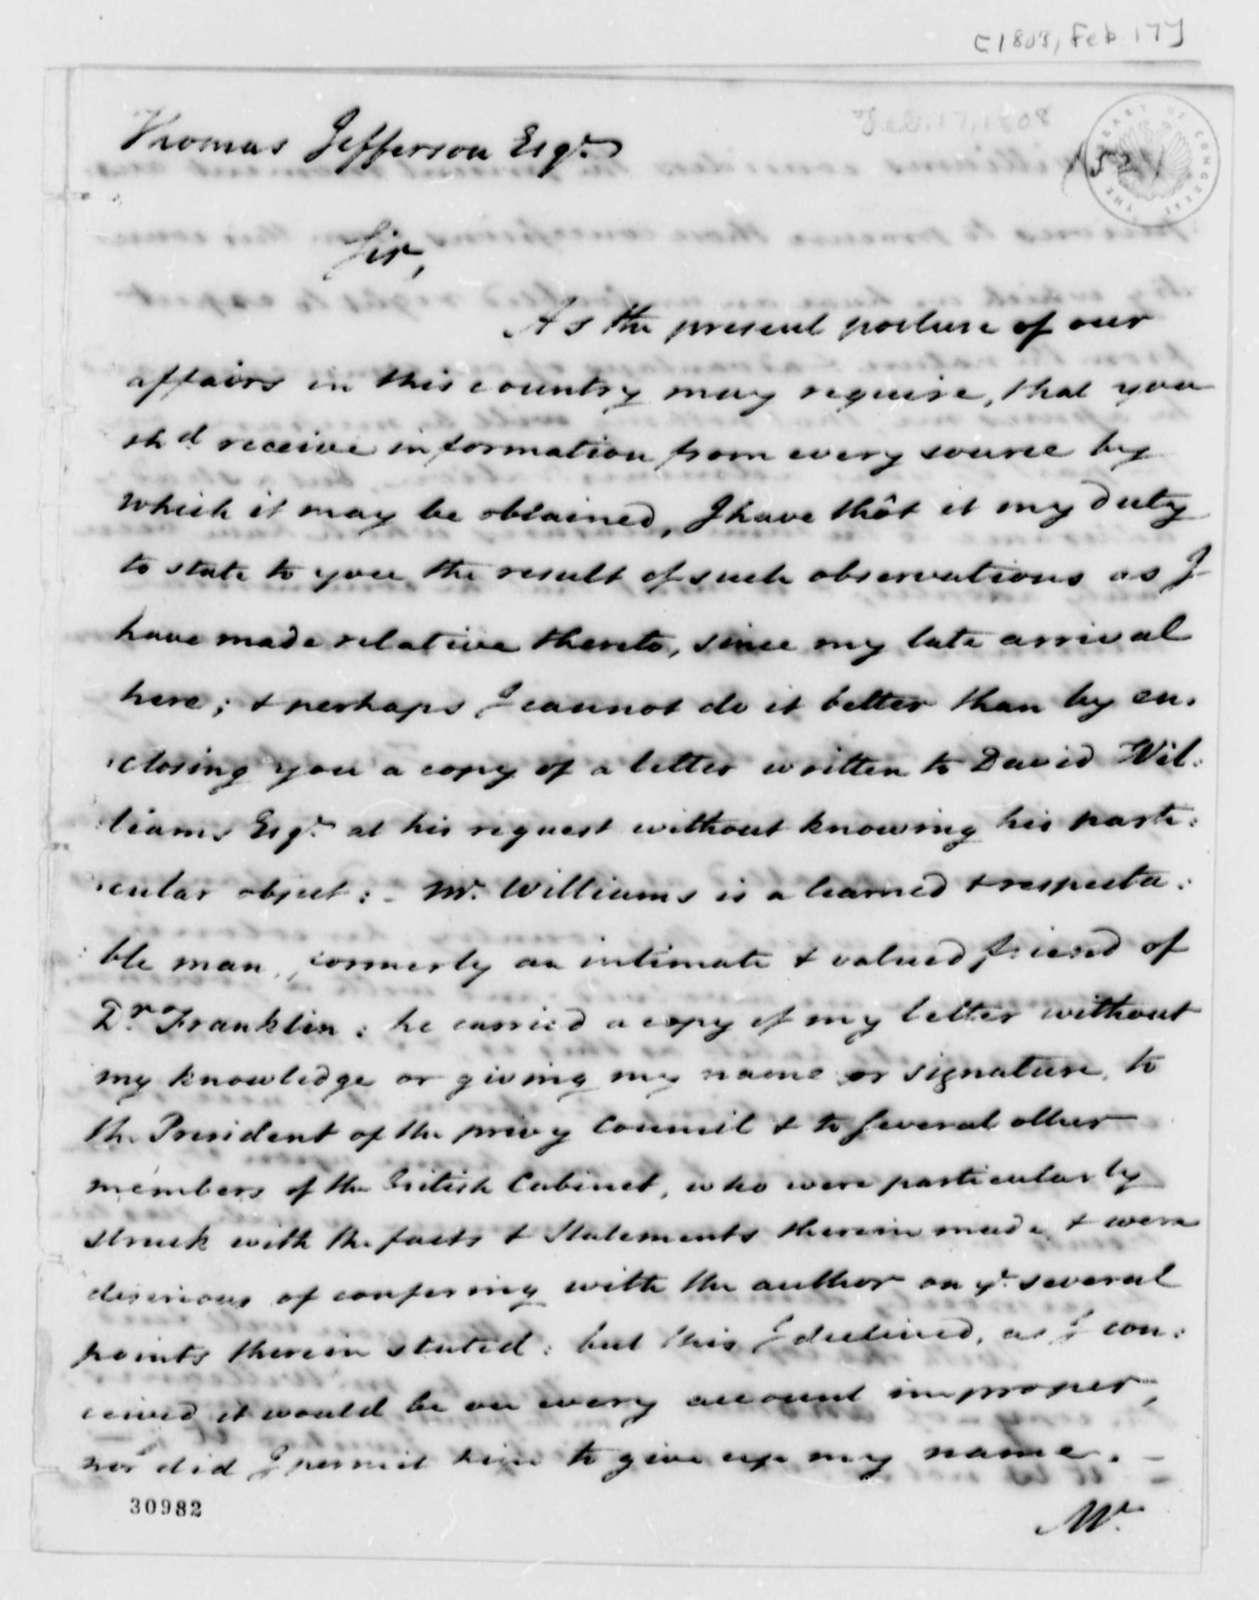 James Bowdoin to Thomas Jefferson, February 17, 1808